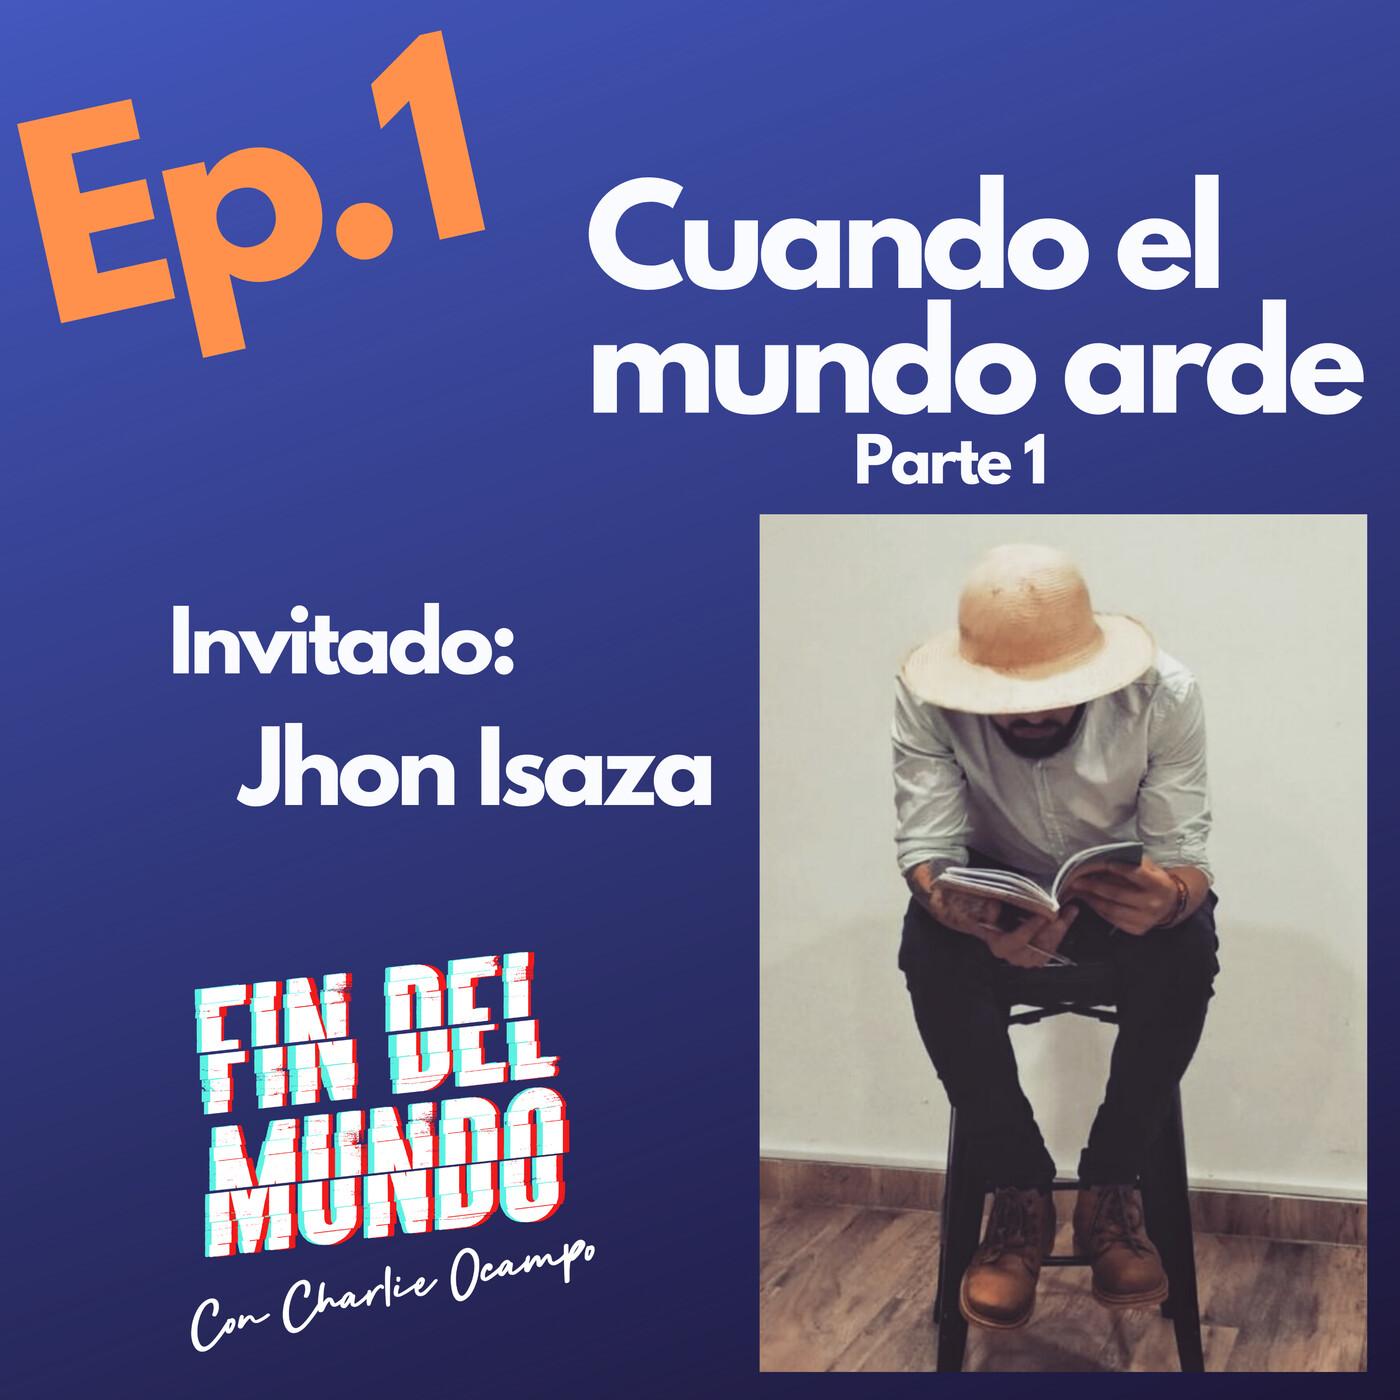 EPISODIO 1 (Primera parte) CUANDO EL MUNDO ARDE